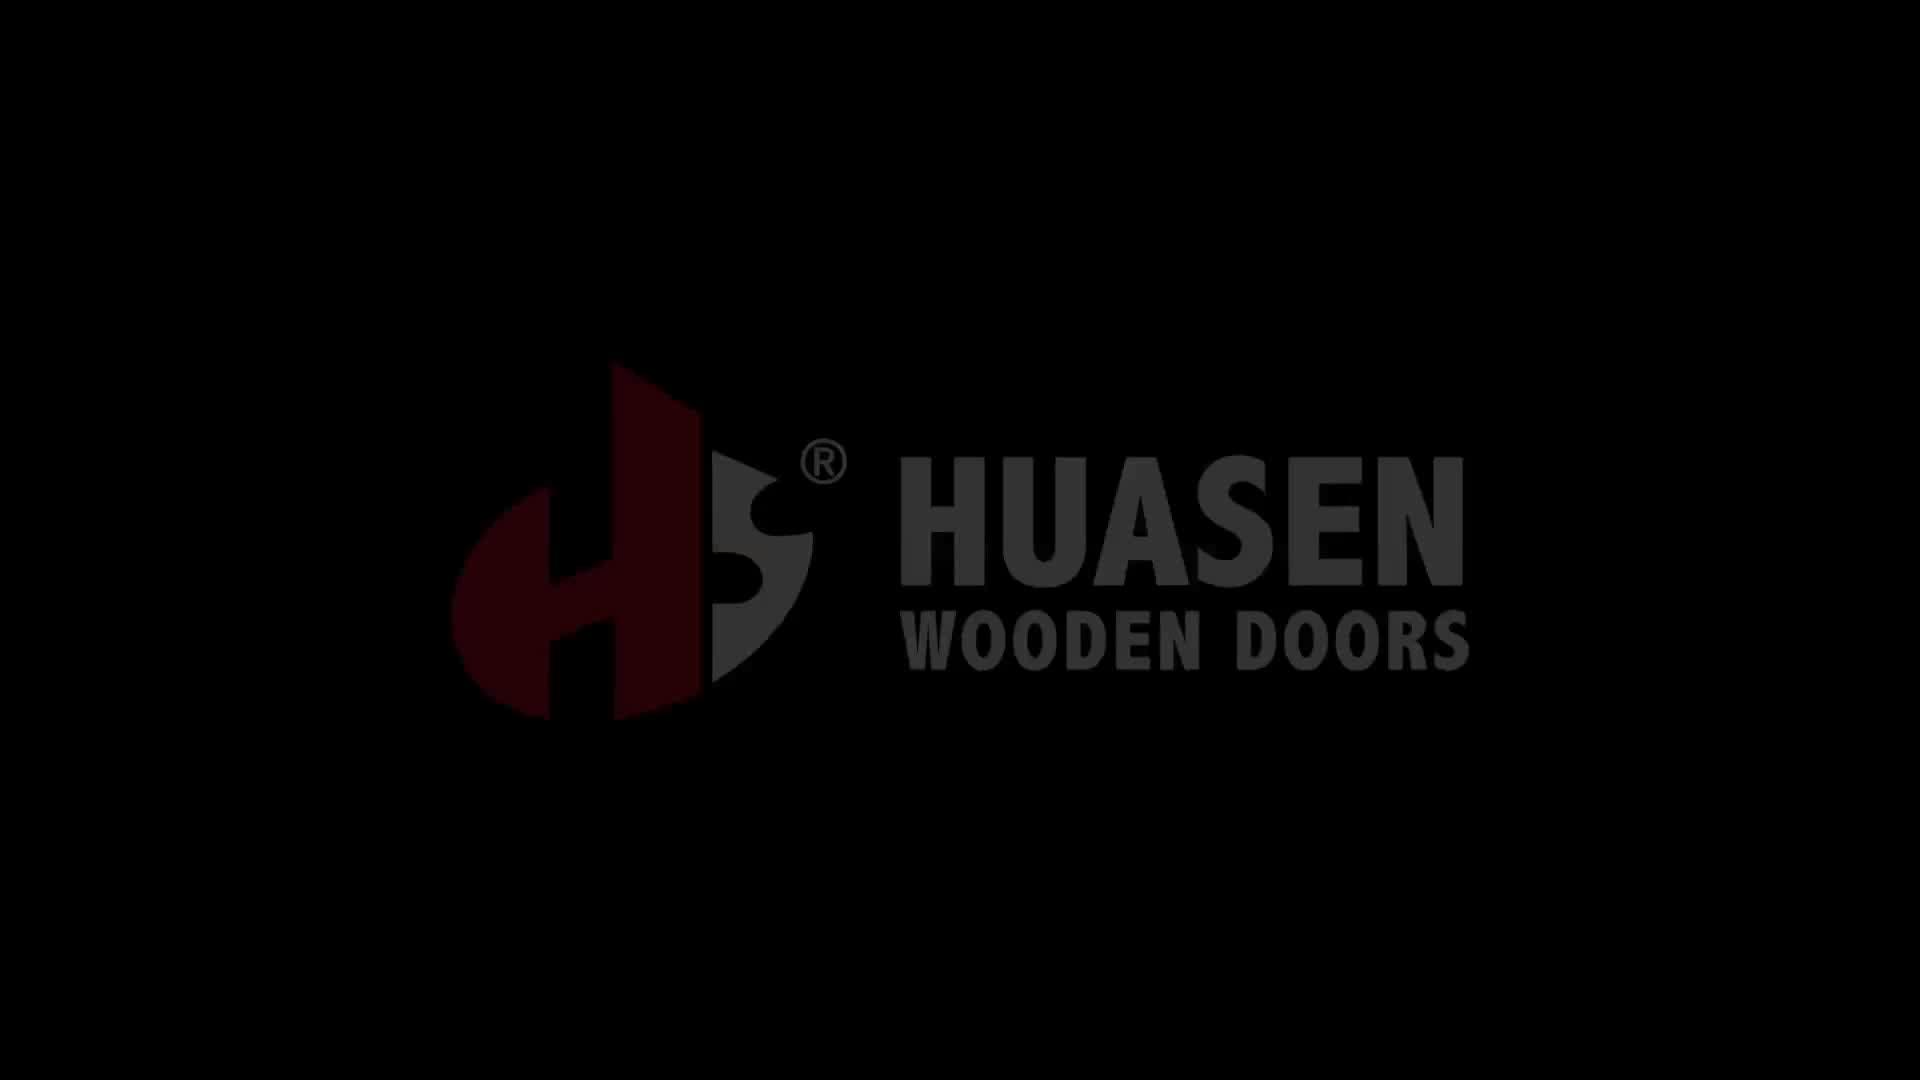 interior wooden pvc/mdf door